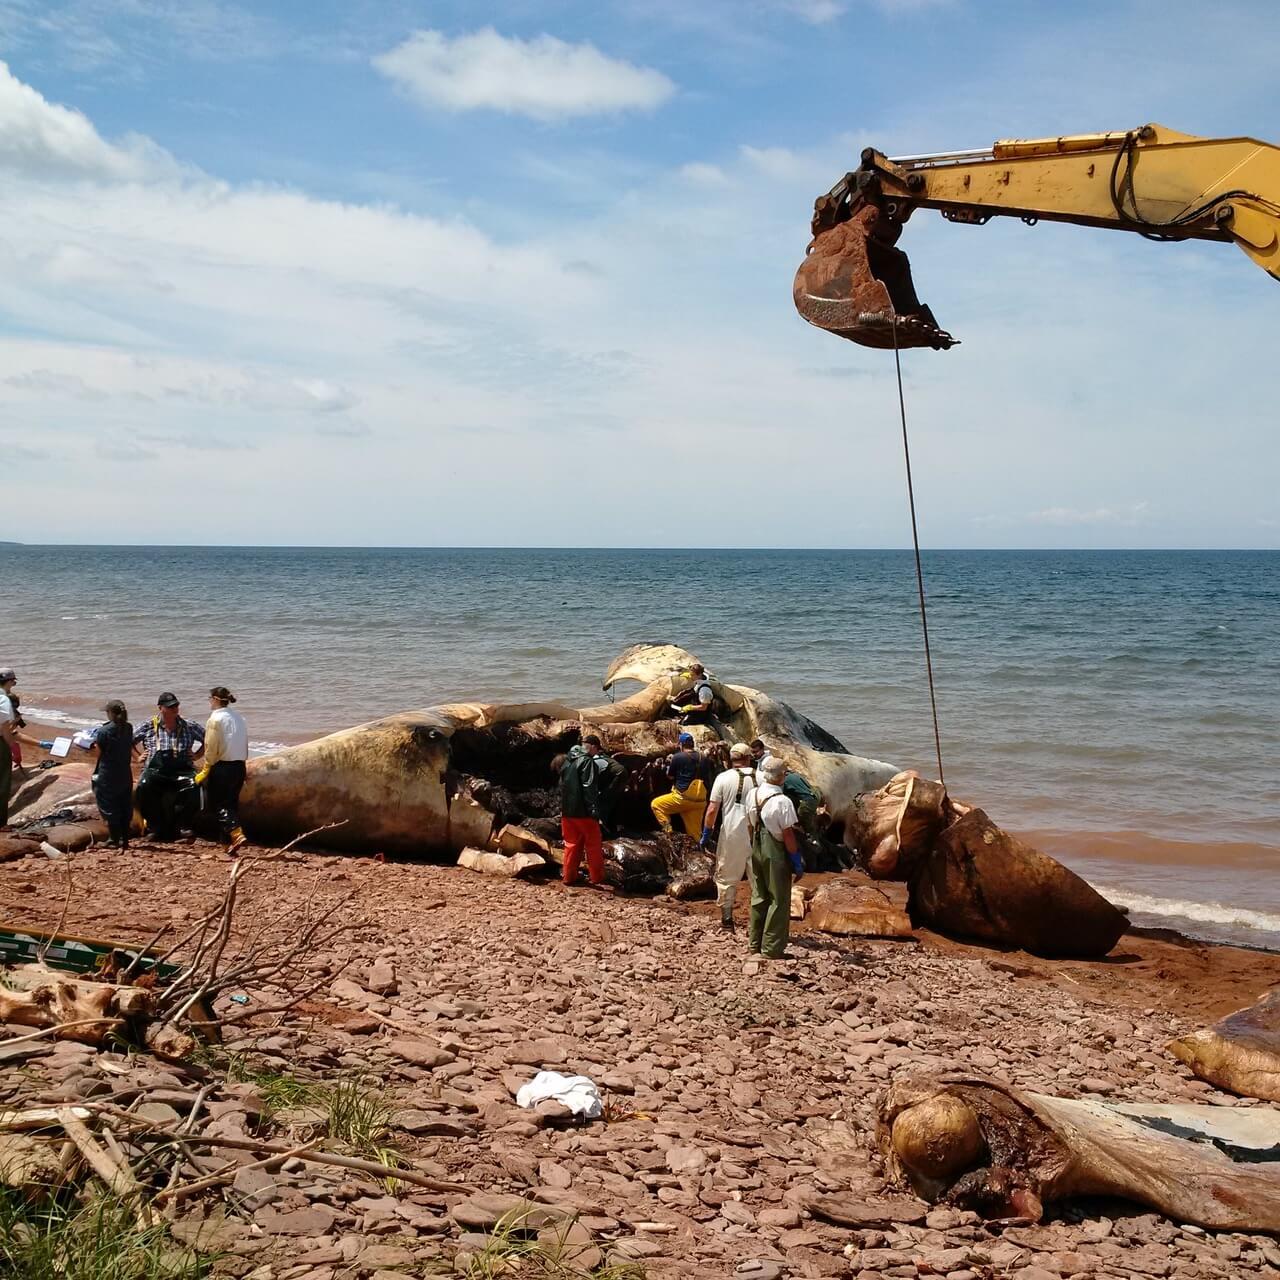 Nécropsie sur une baleine de 14 mètres